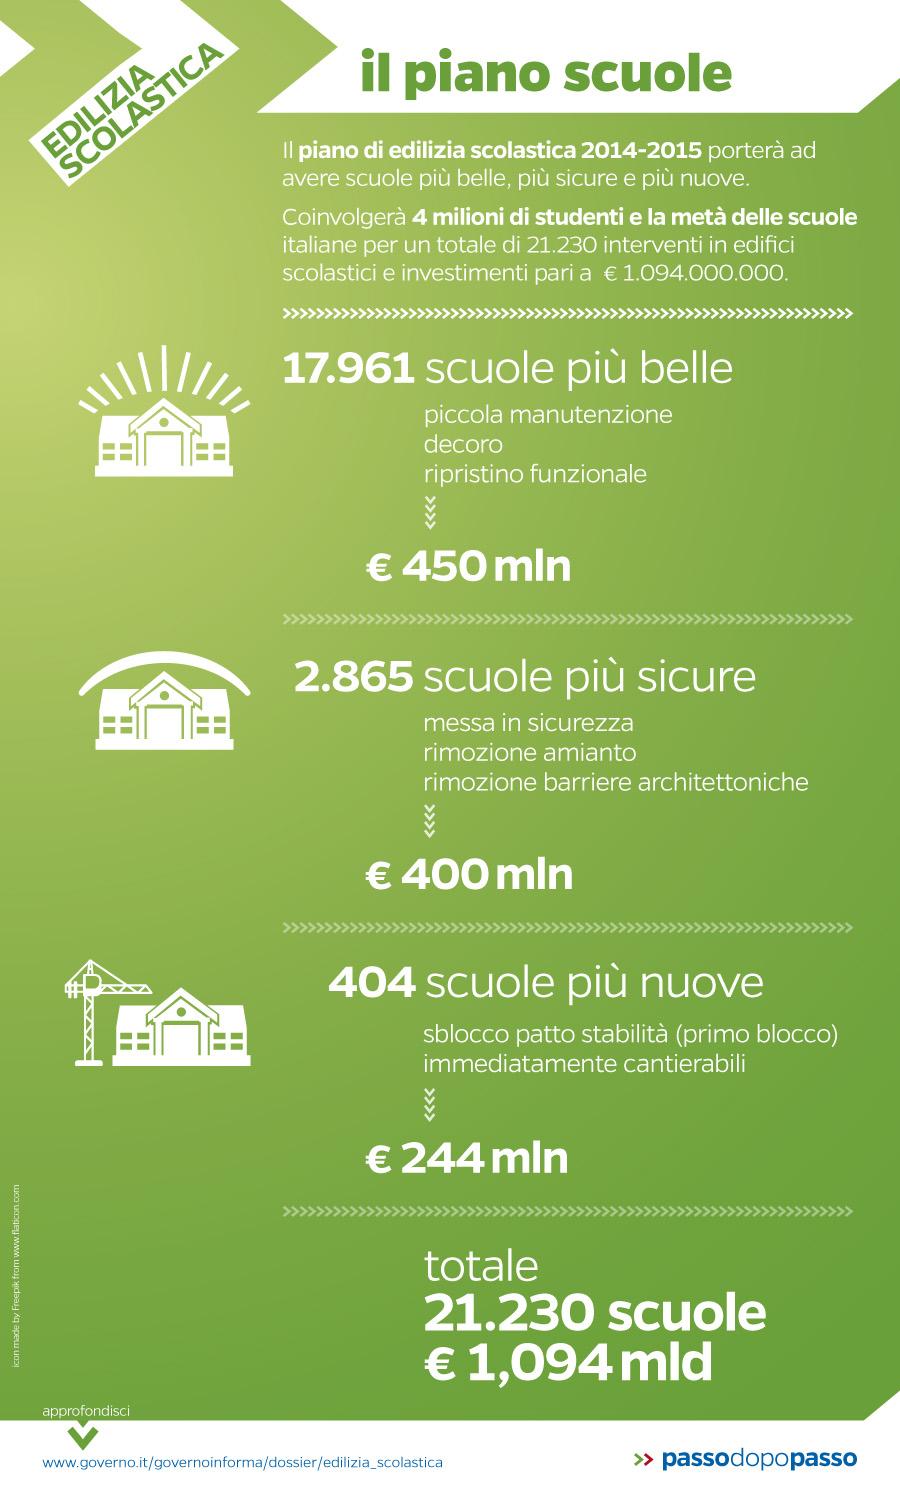 Infografica: Piano scuole